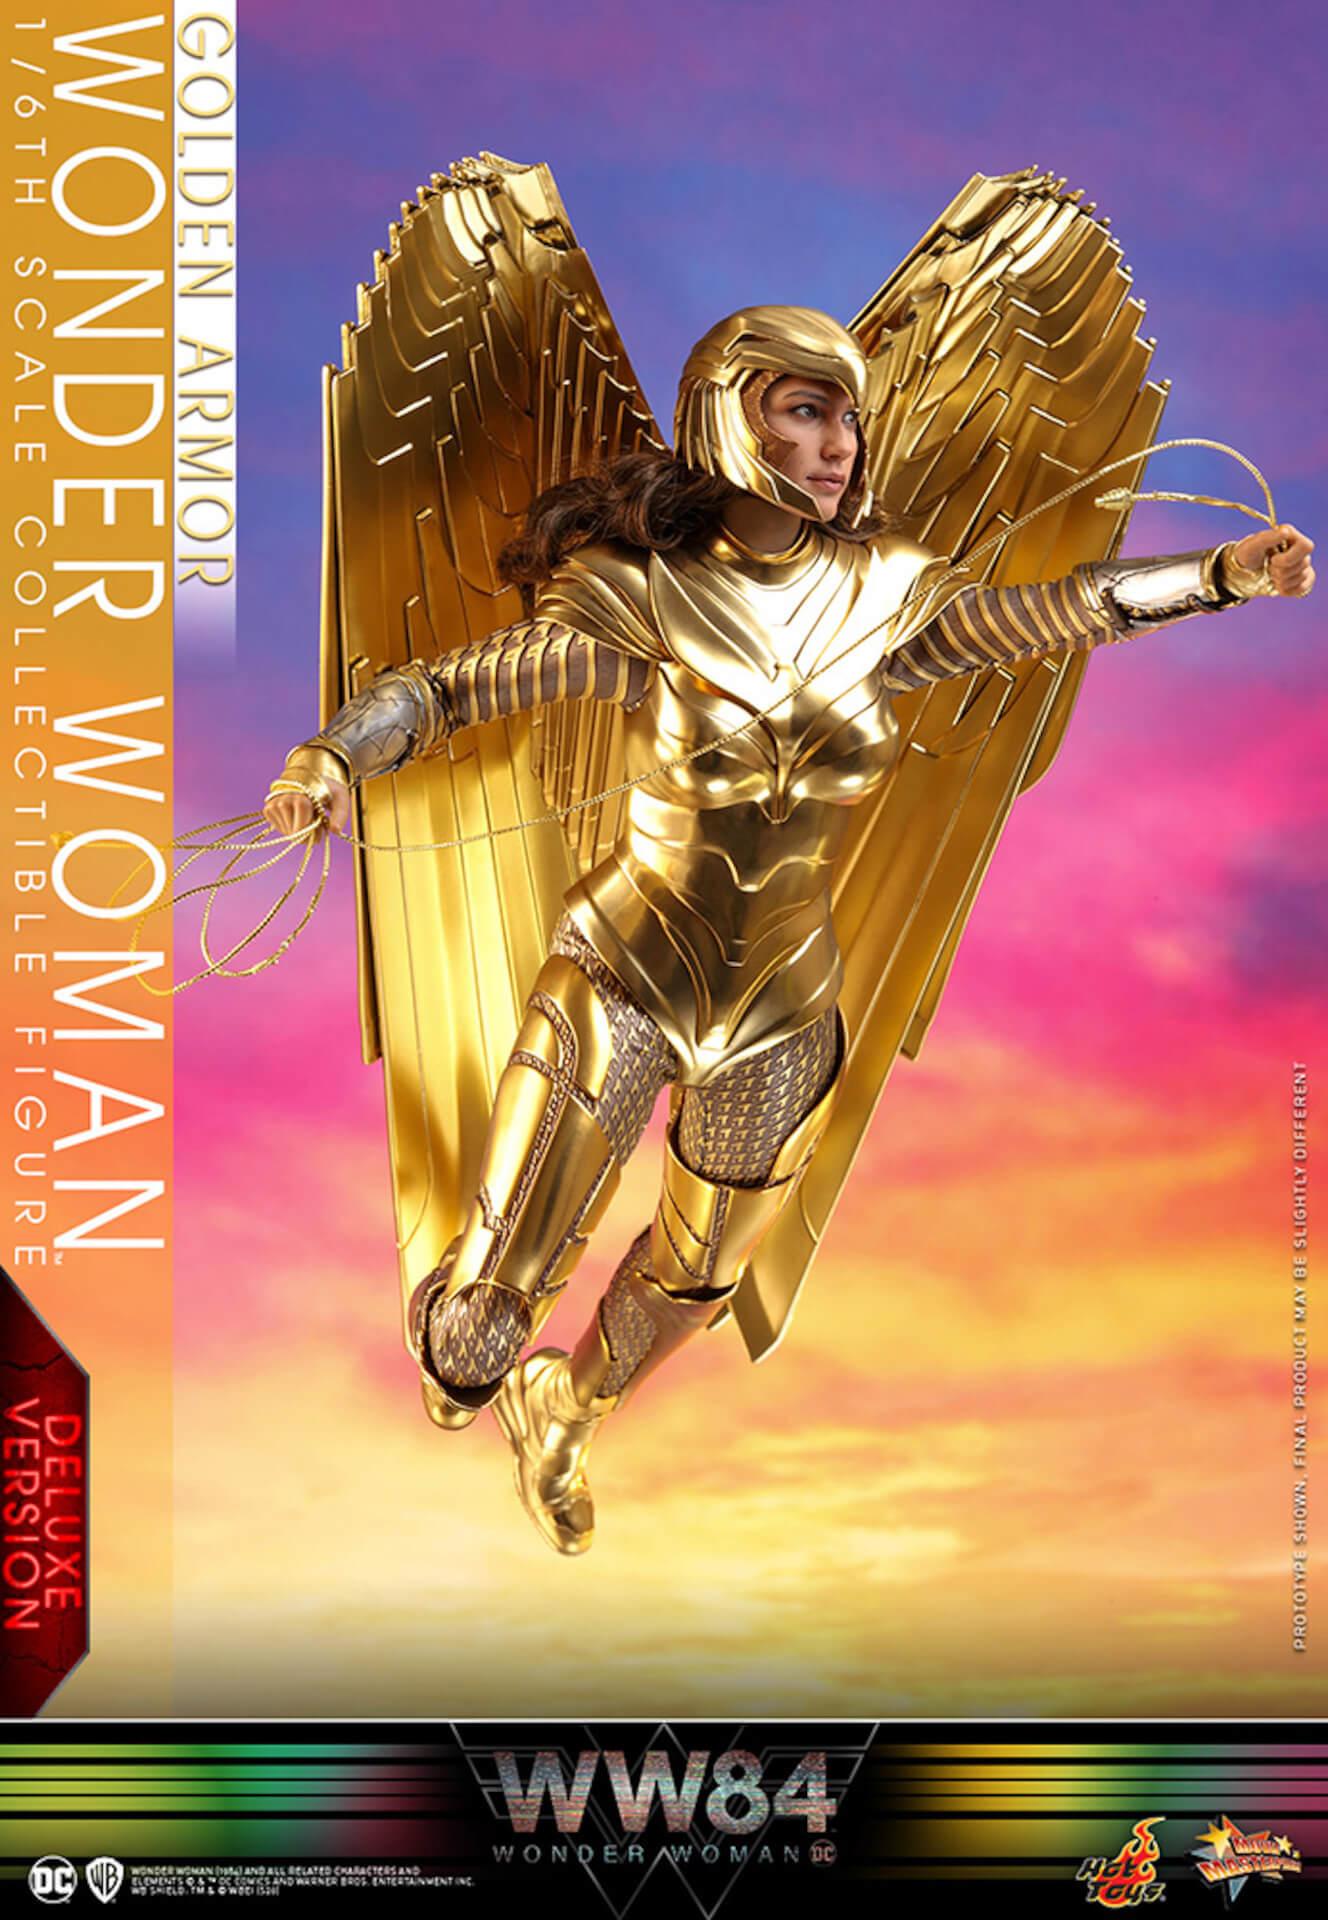 最新作『ワンダーウーマン 1984』からゴールドアーマー装着のワンダーウーマンフィギュアがホットトイズで登場! art200528_ww_hottoys_2